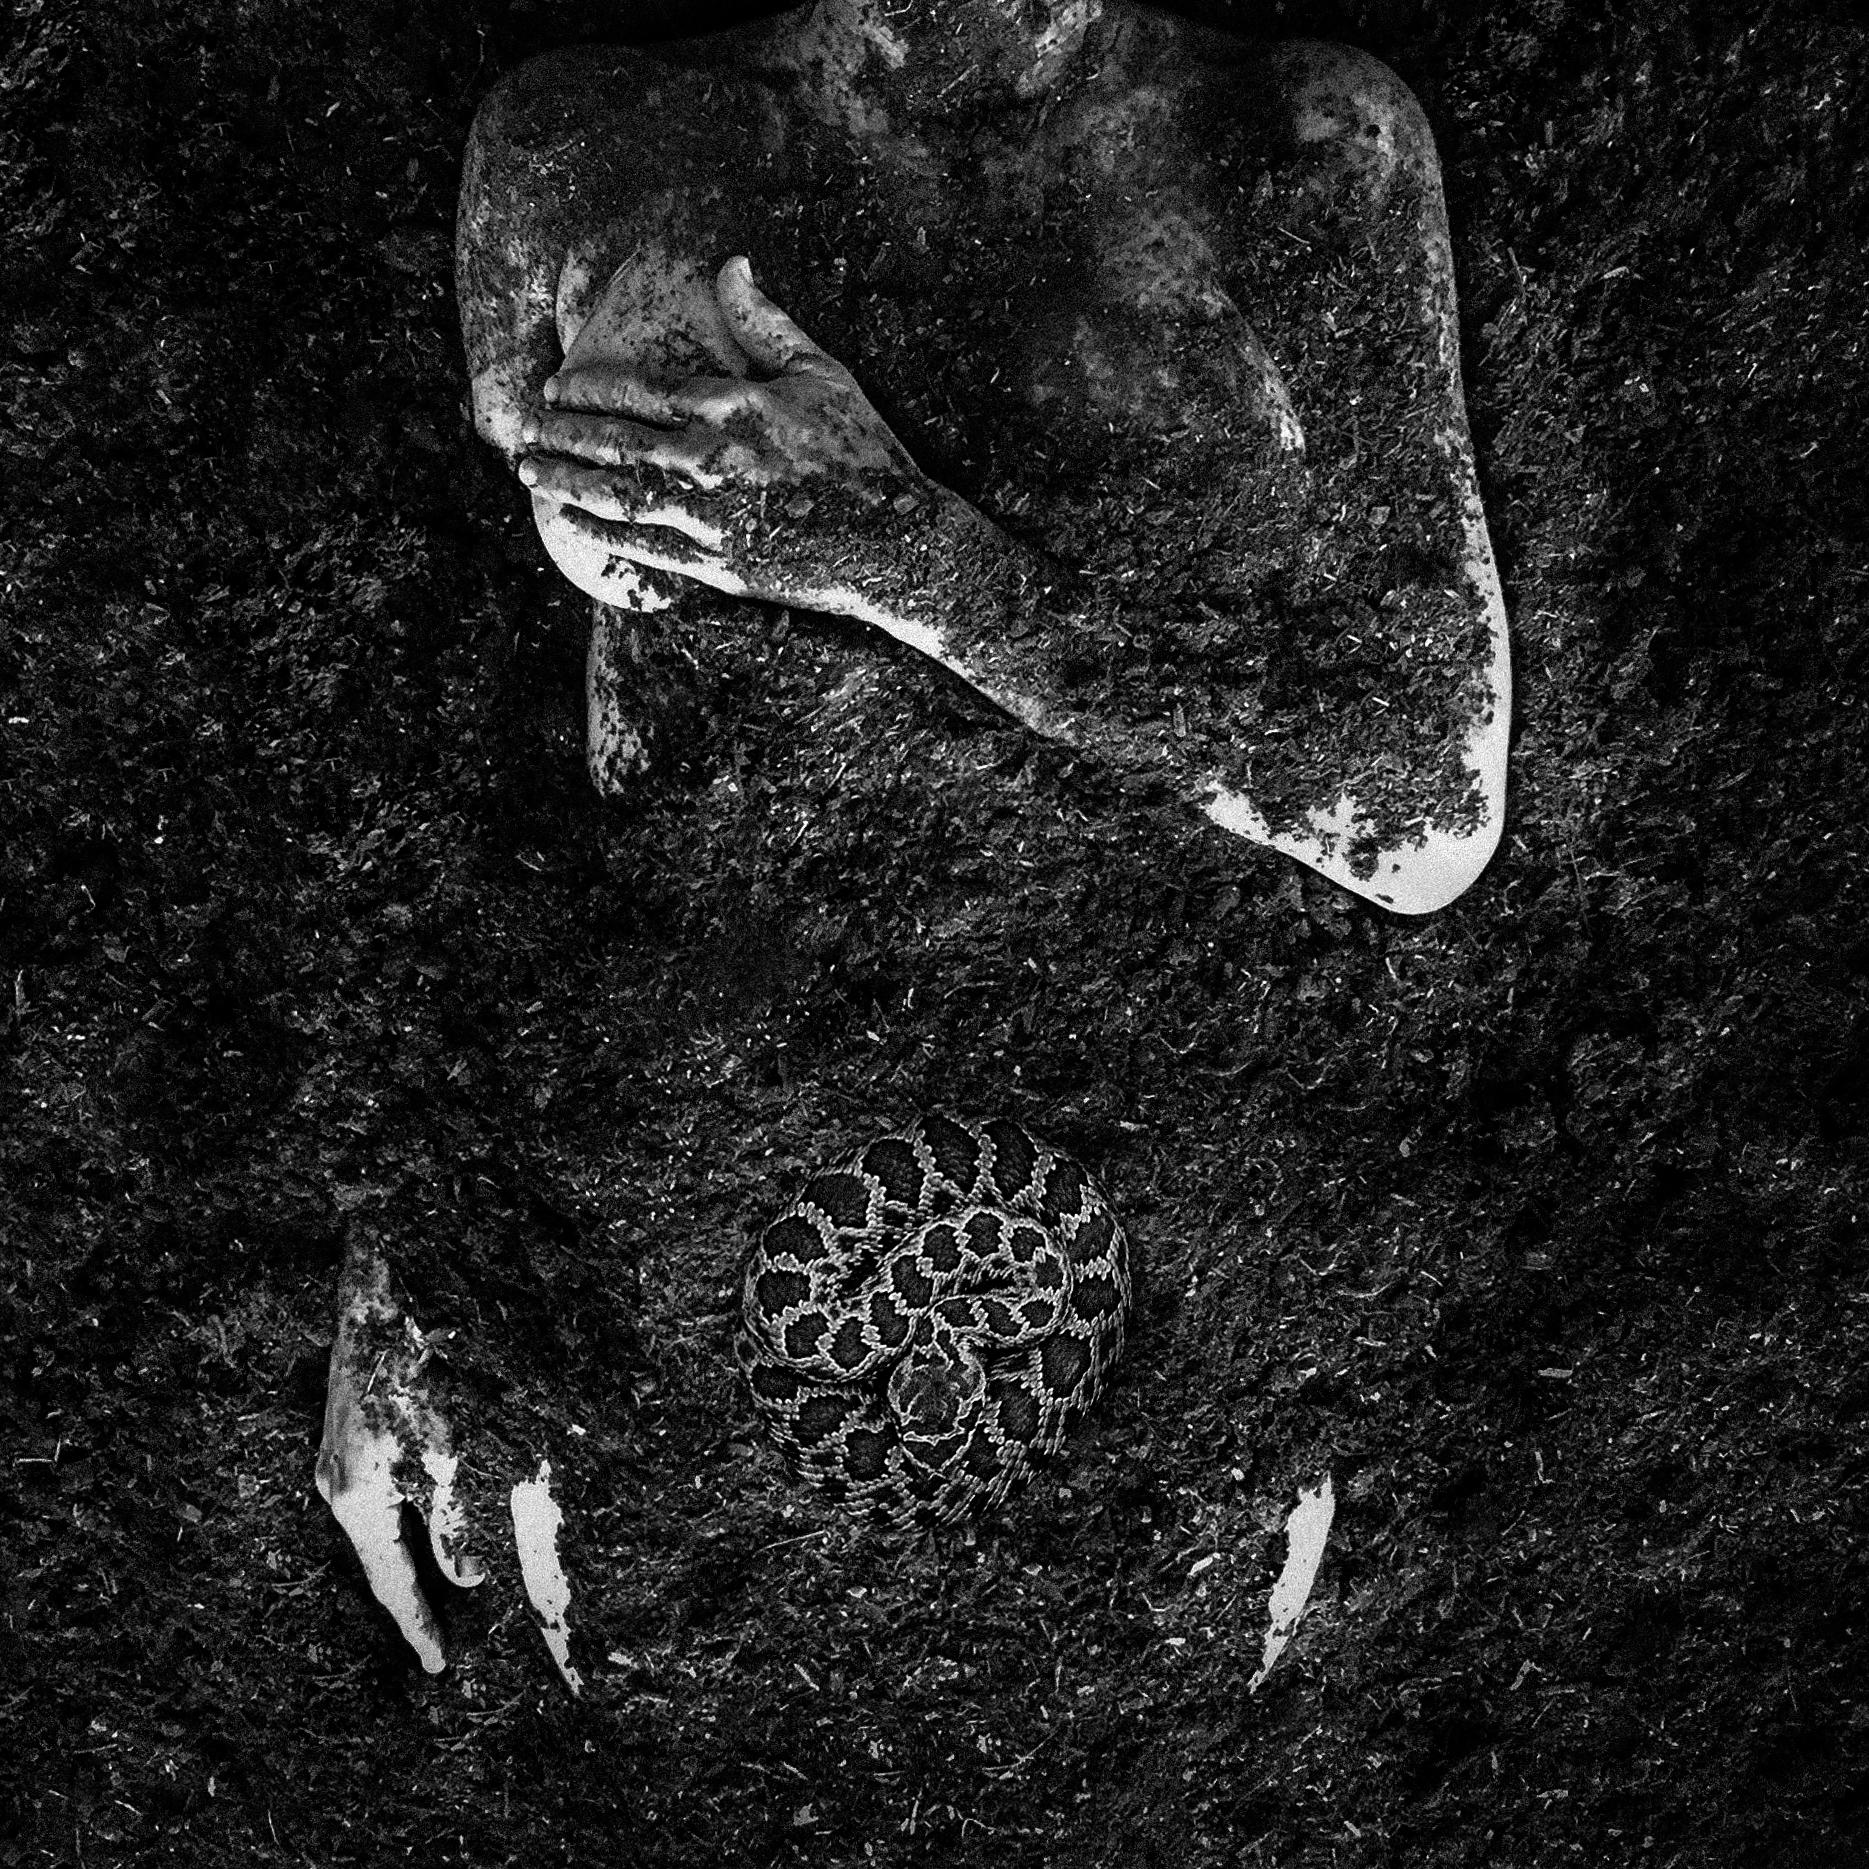 Dirt Body Snake_003_Nov_LR.jpg